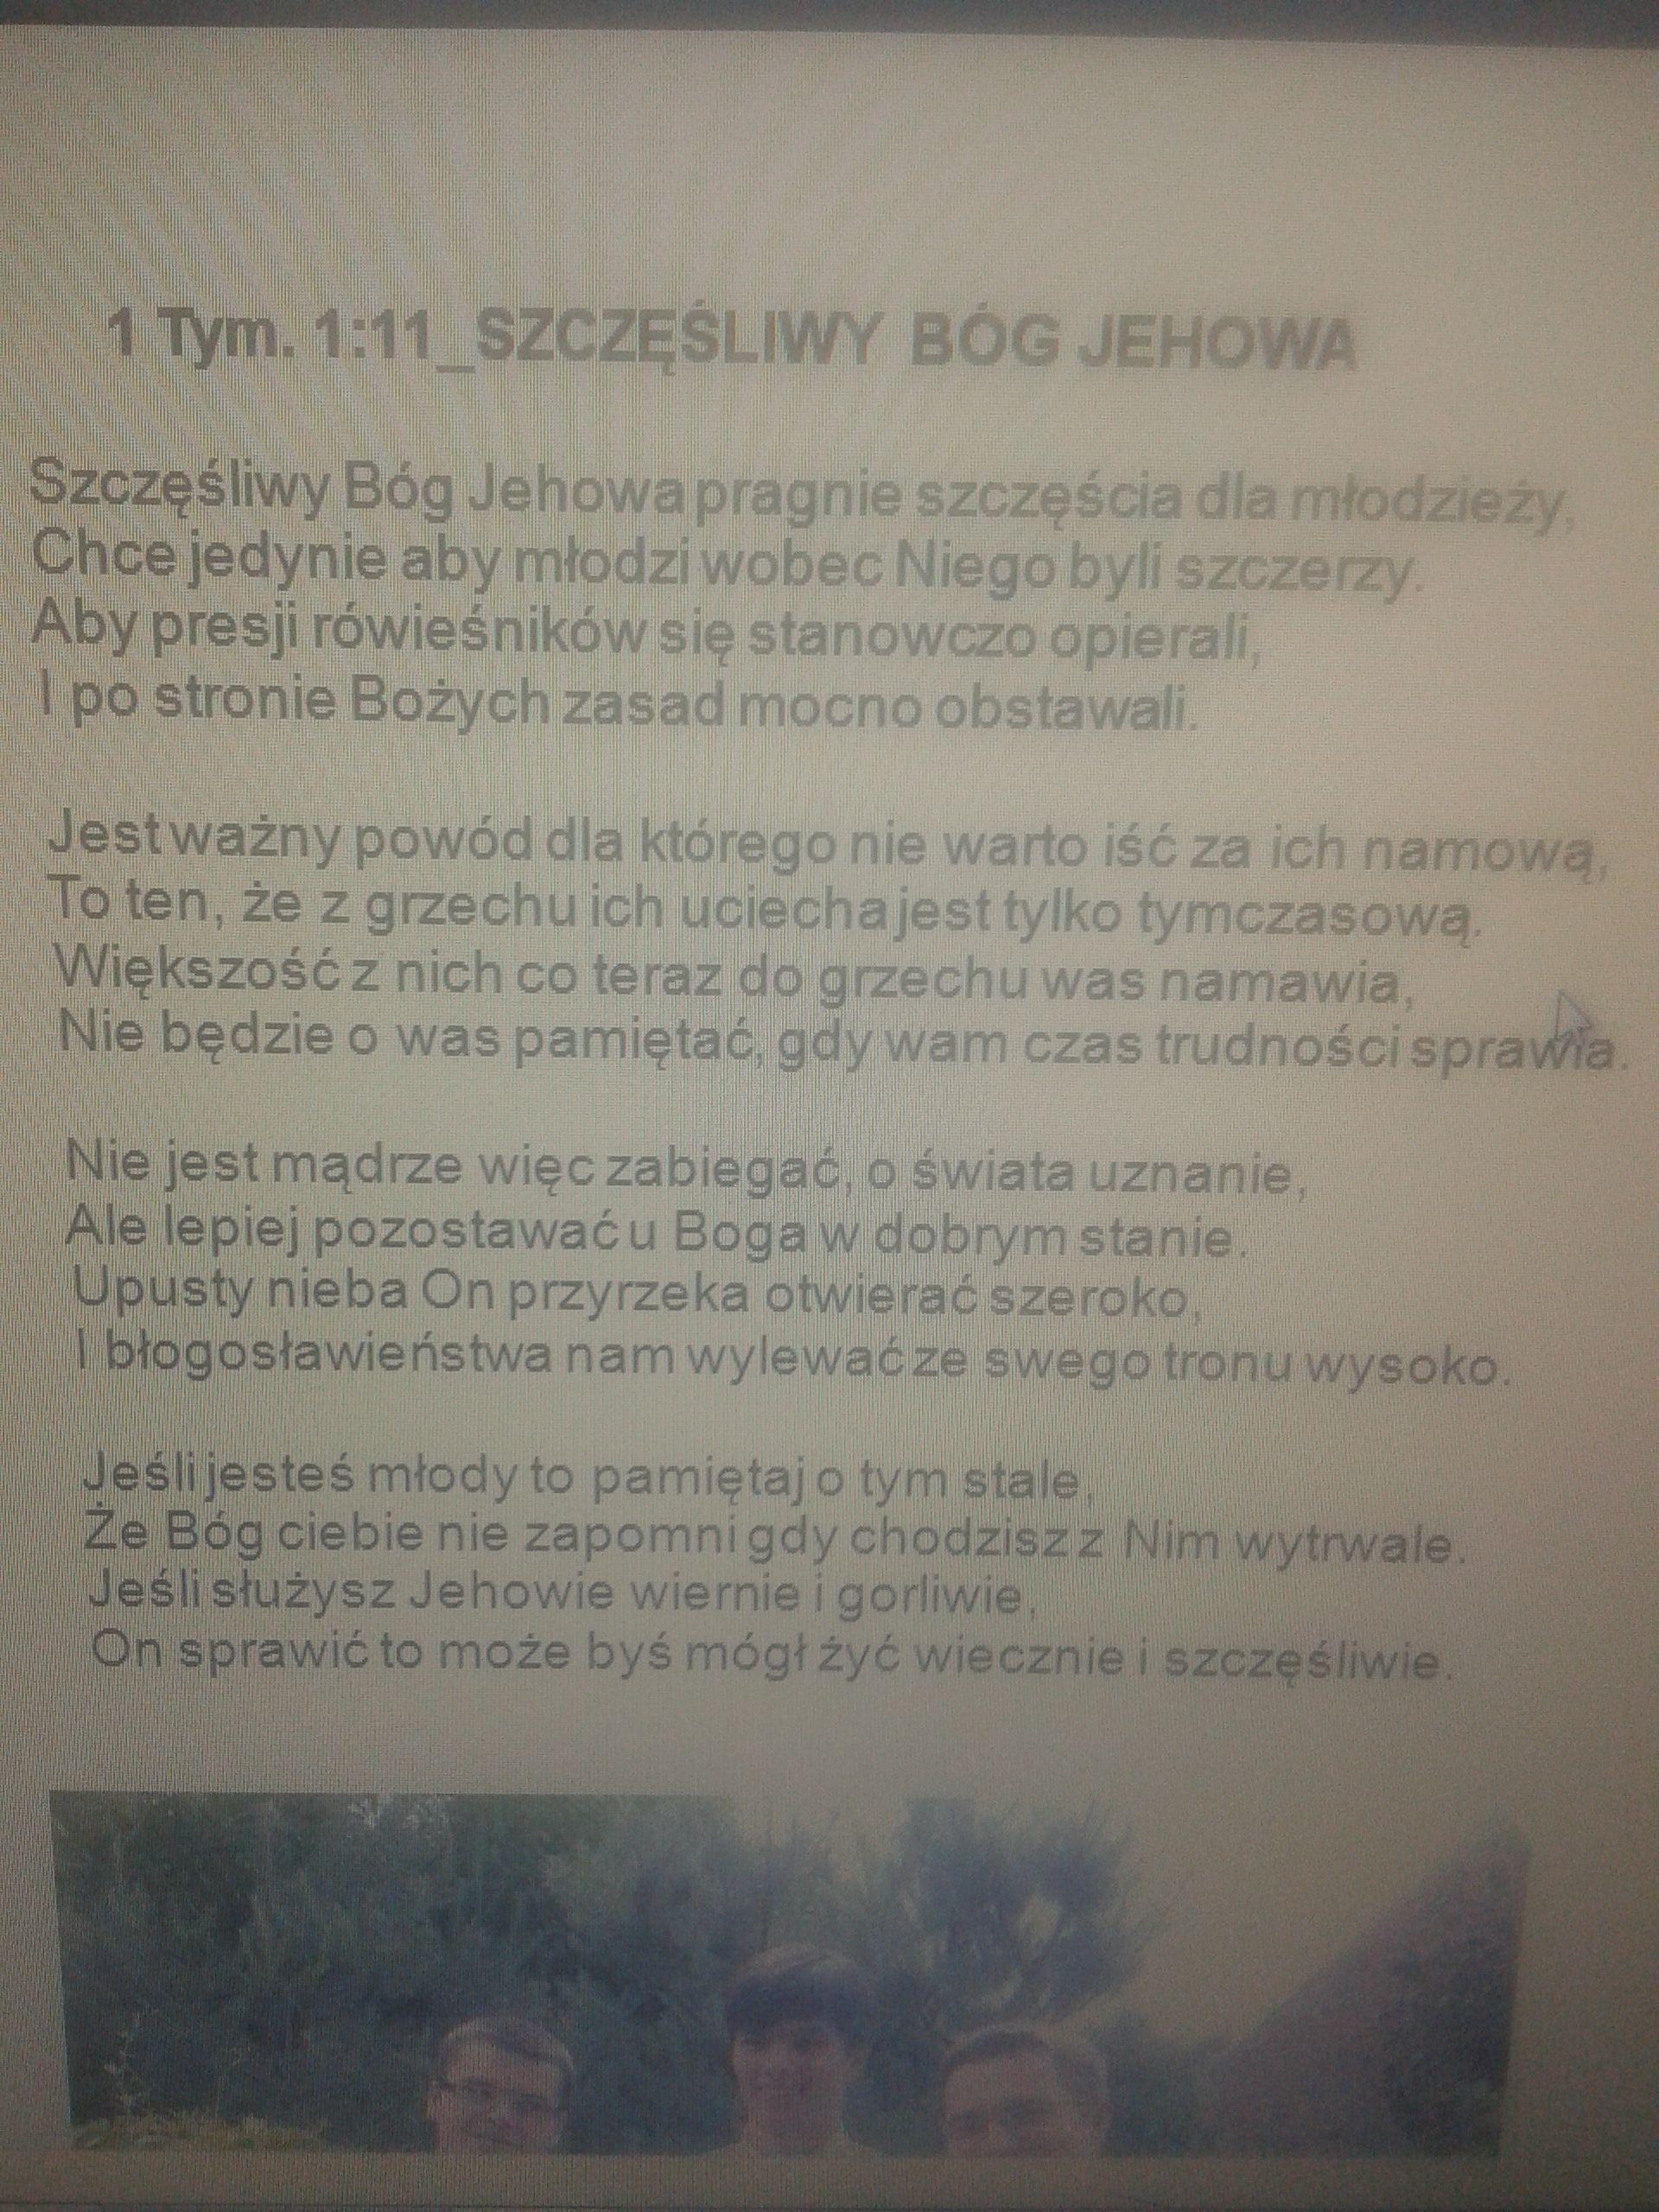 Szczęśliwy Bóg Jehowa Wiersze Teokratyczne świadek Jehowy